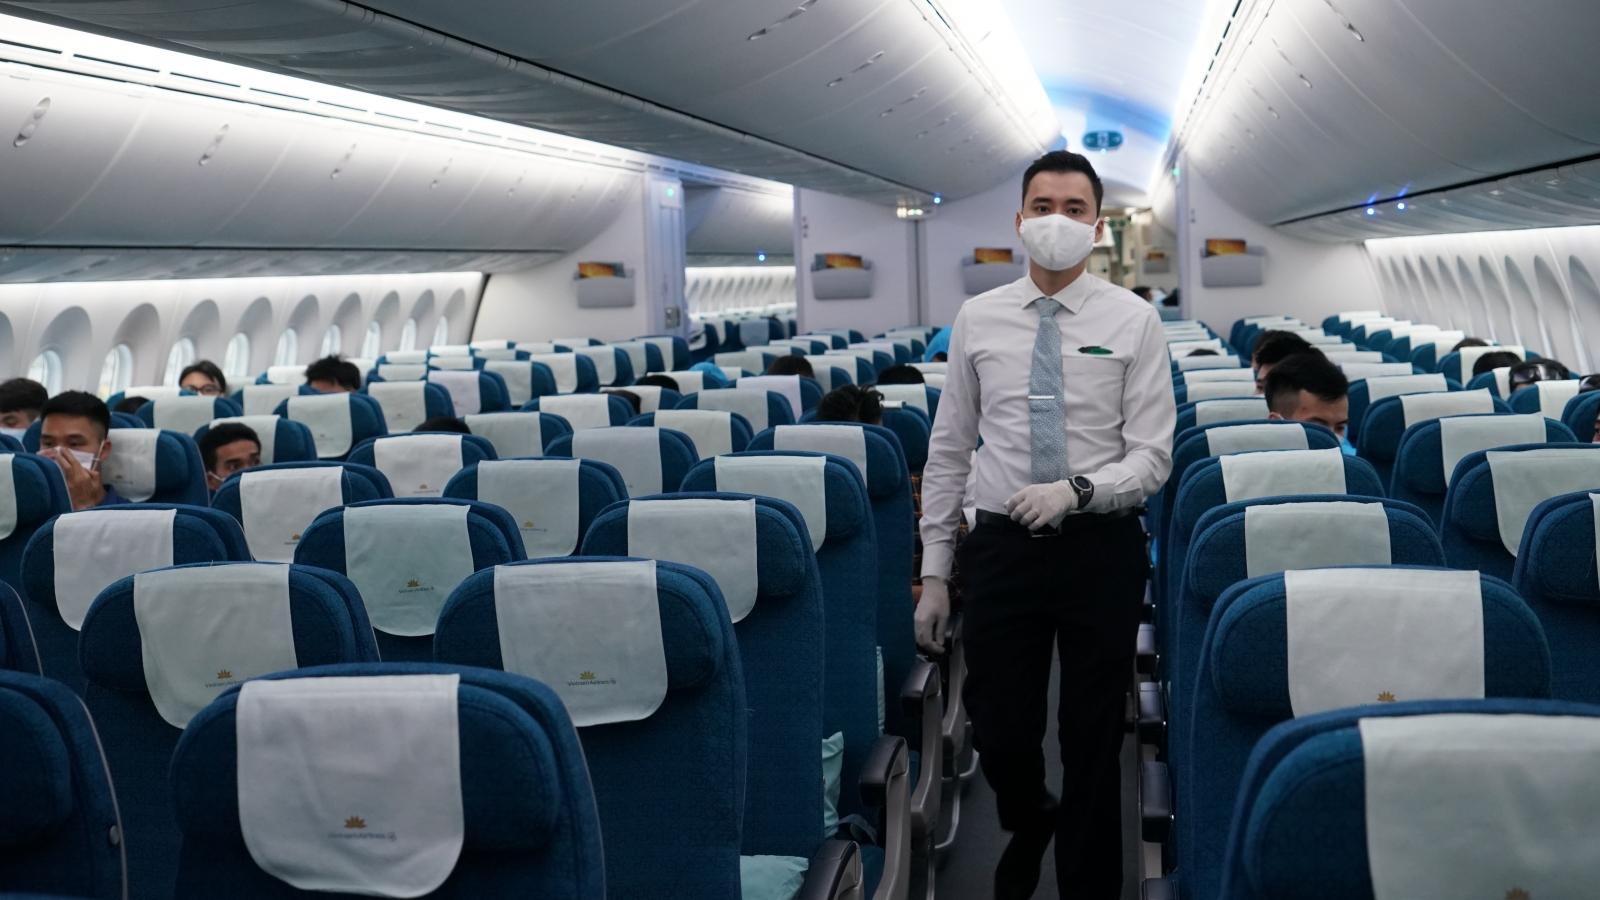 Chính phủ cho phép mở lại đường bay tới Thái Lan